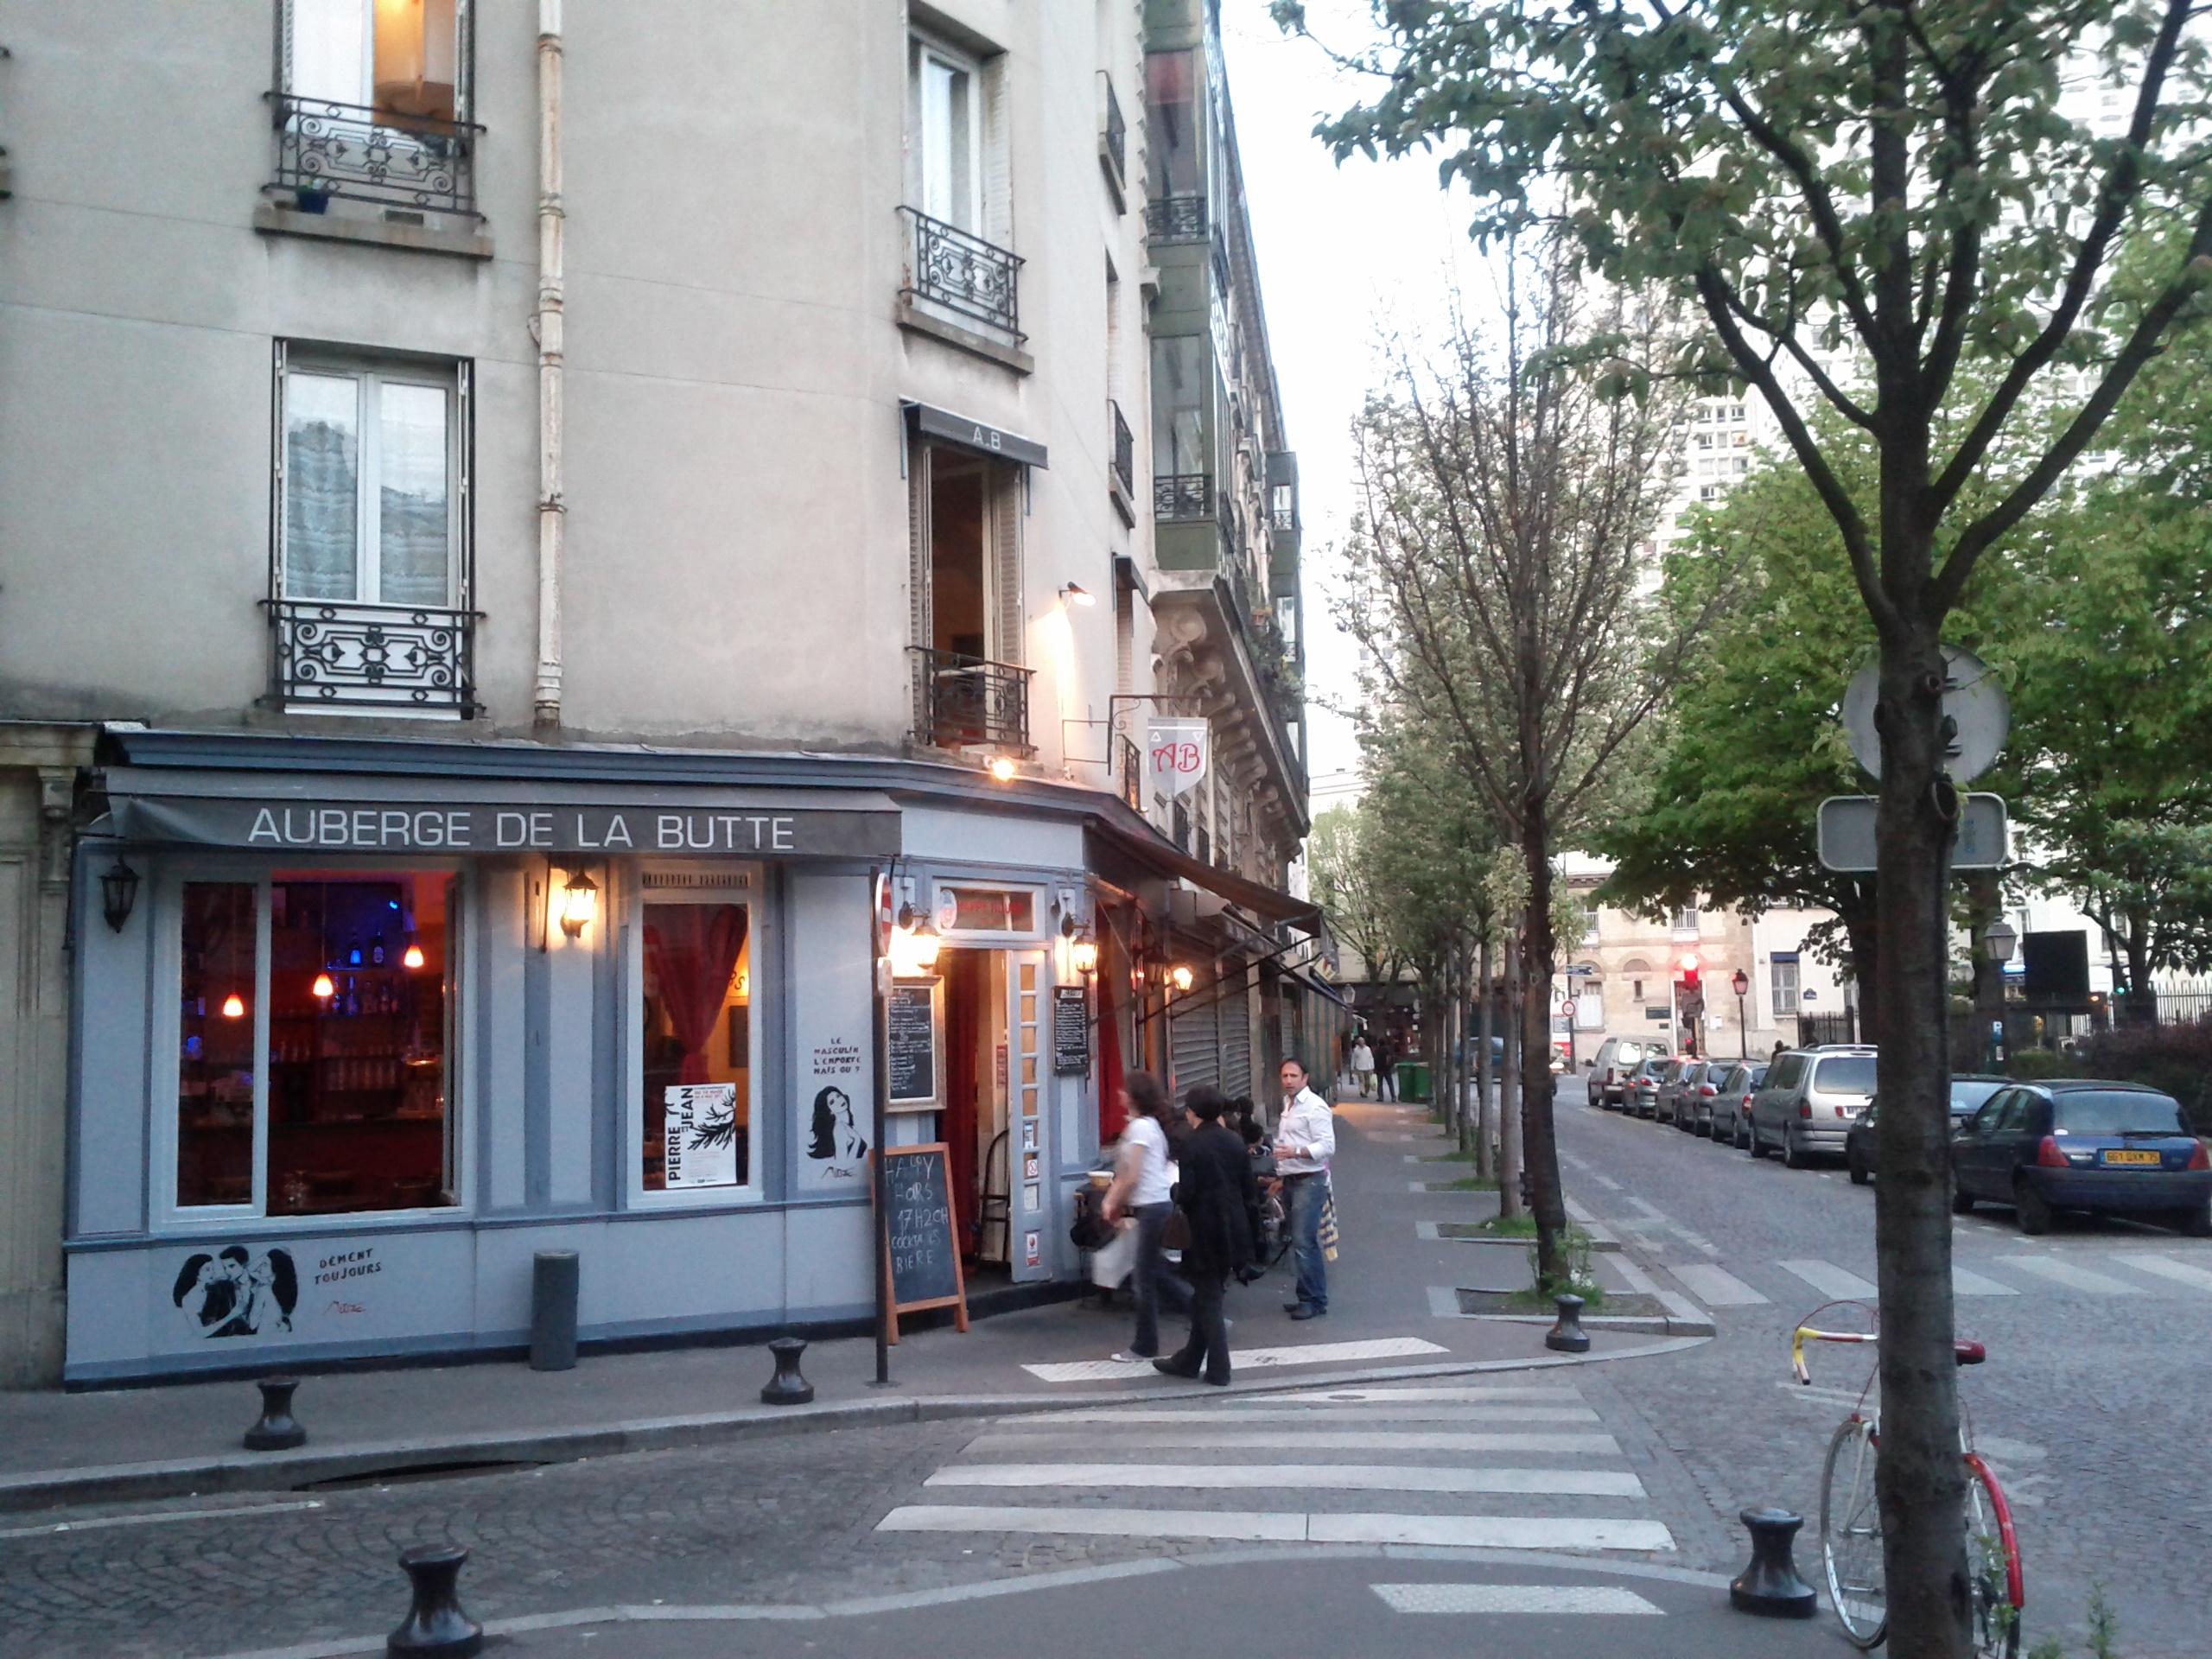 La Butte Aux Cailles Photos la butte aux cailles | think parisian